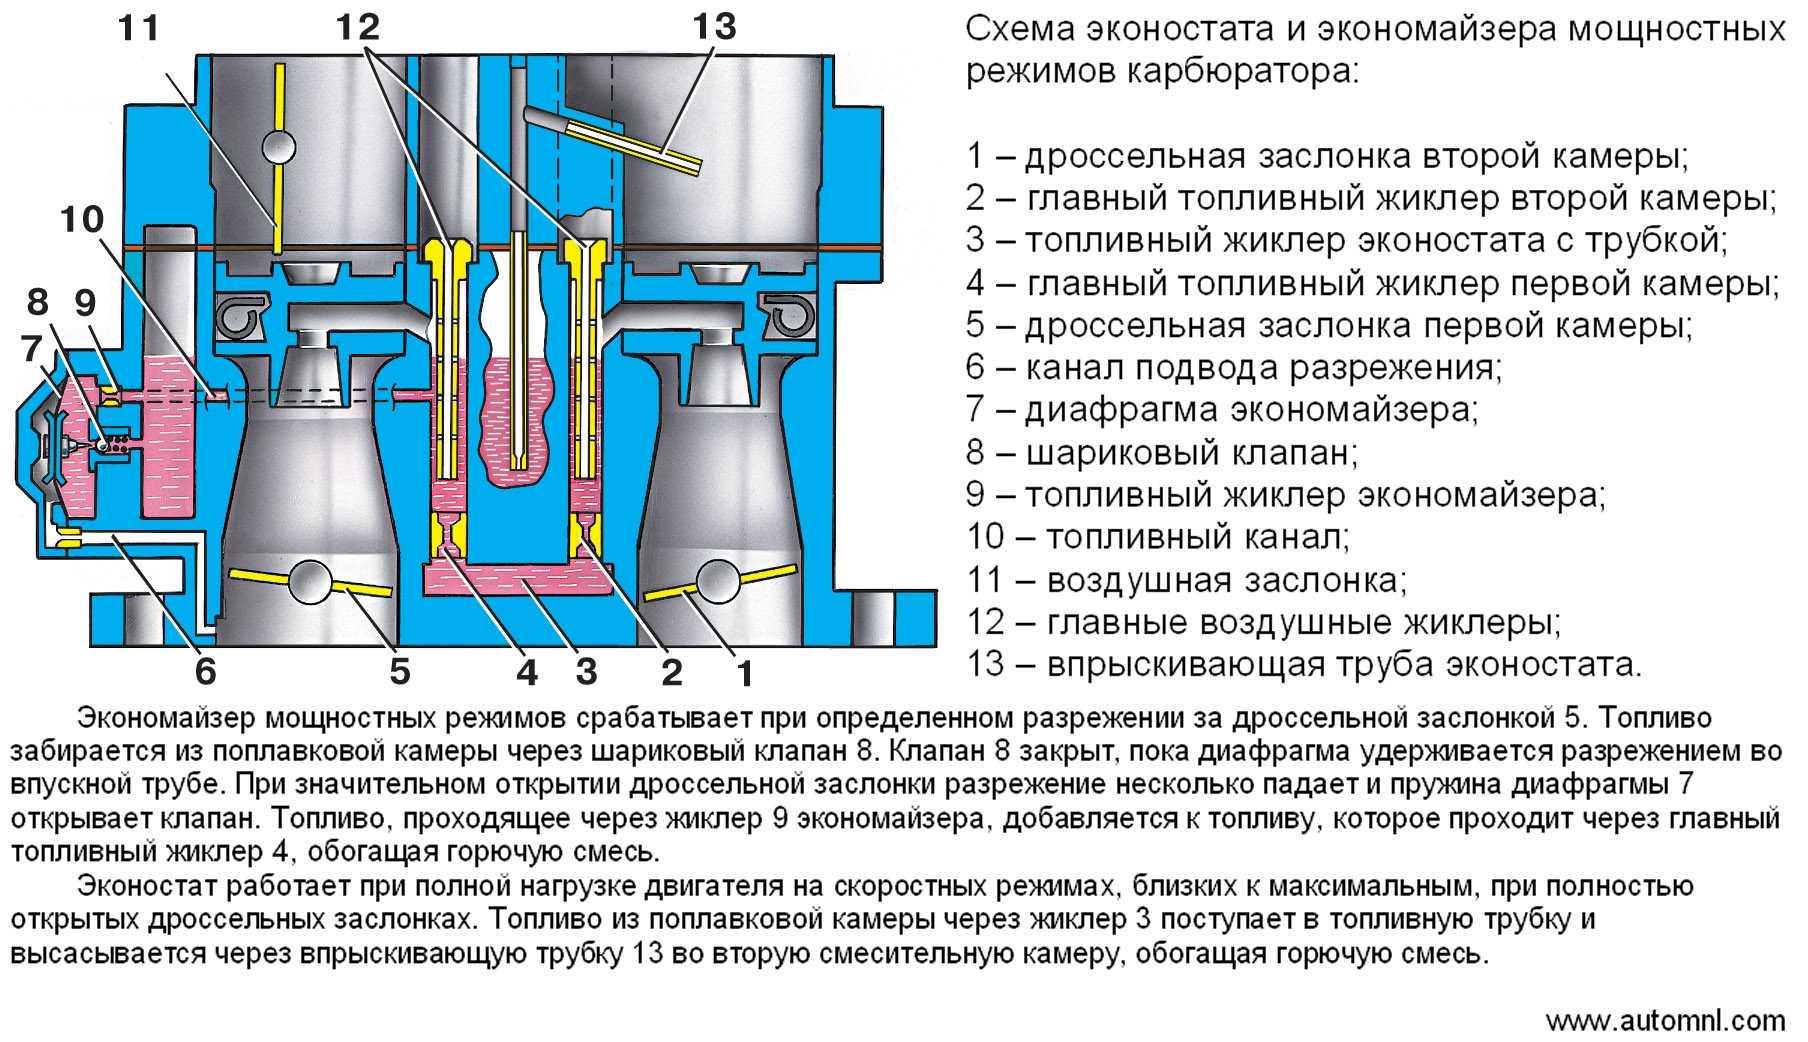 Устройство системы холостого хода карбюратора 21073 солекс